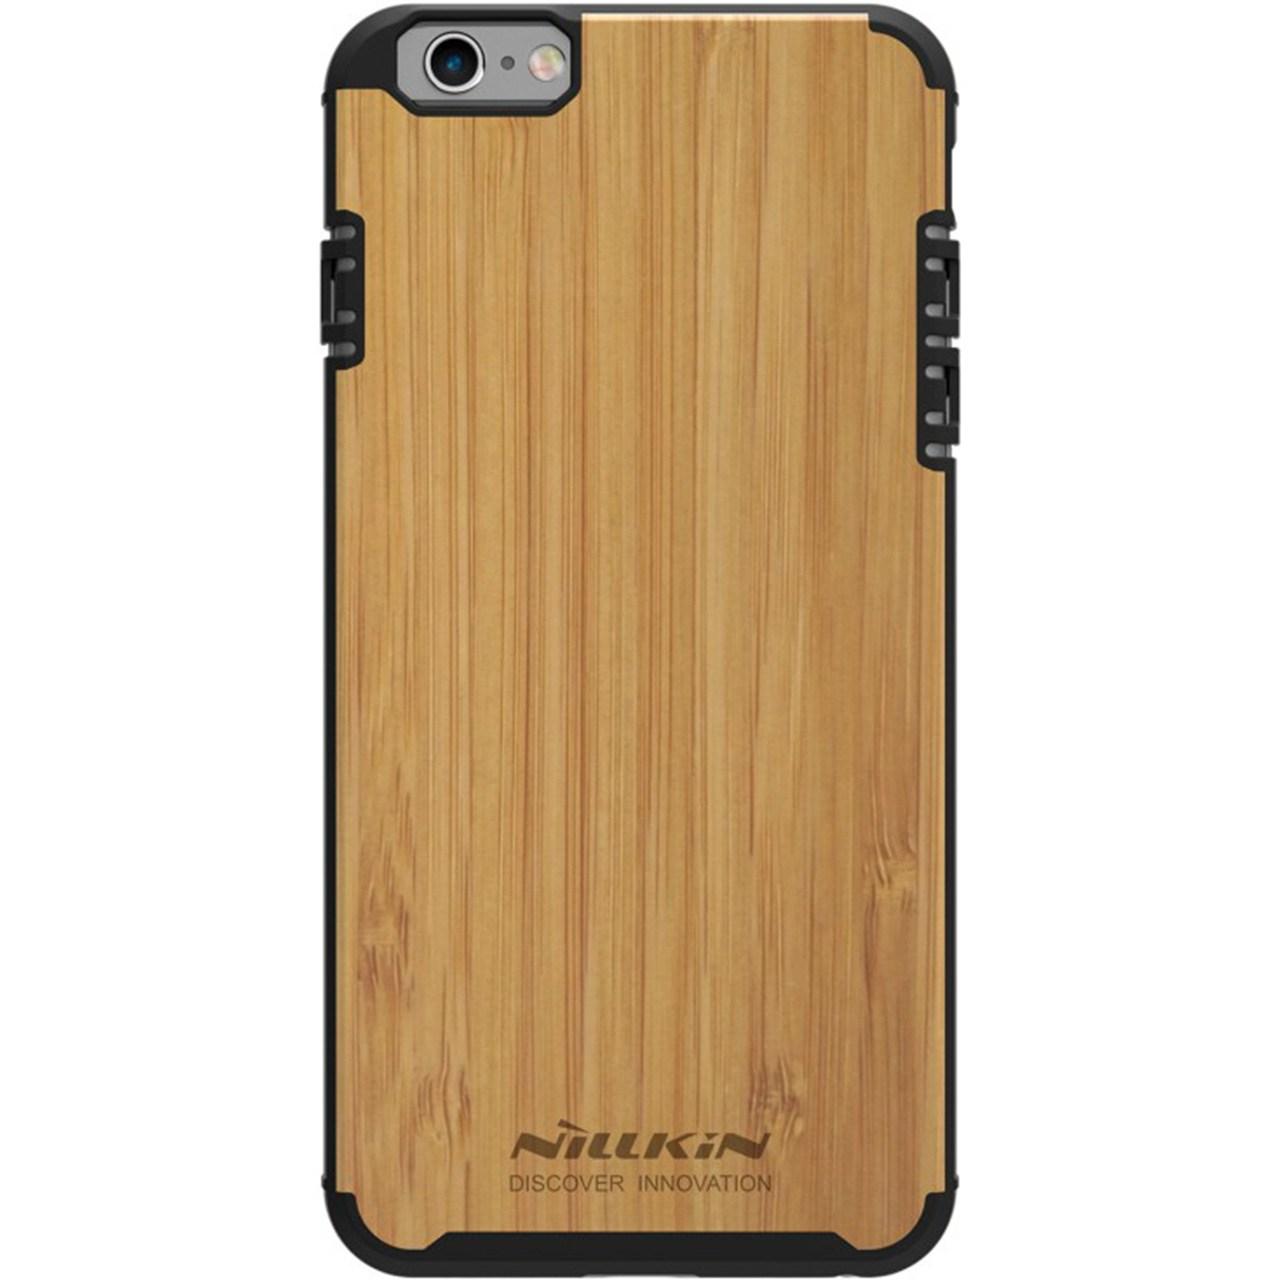 کاور نیلکین مدل Knight مناسب برای گوشی موبایل آیفون 6/6s              ( قیمت و خرید)